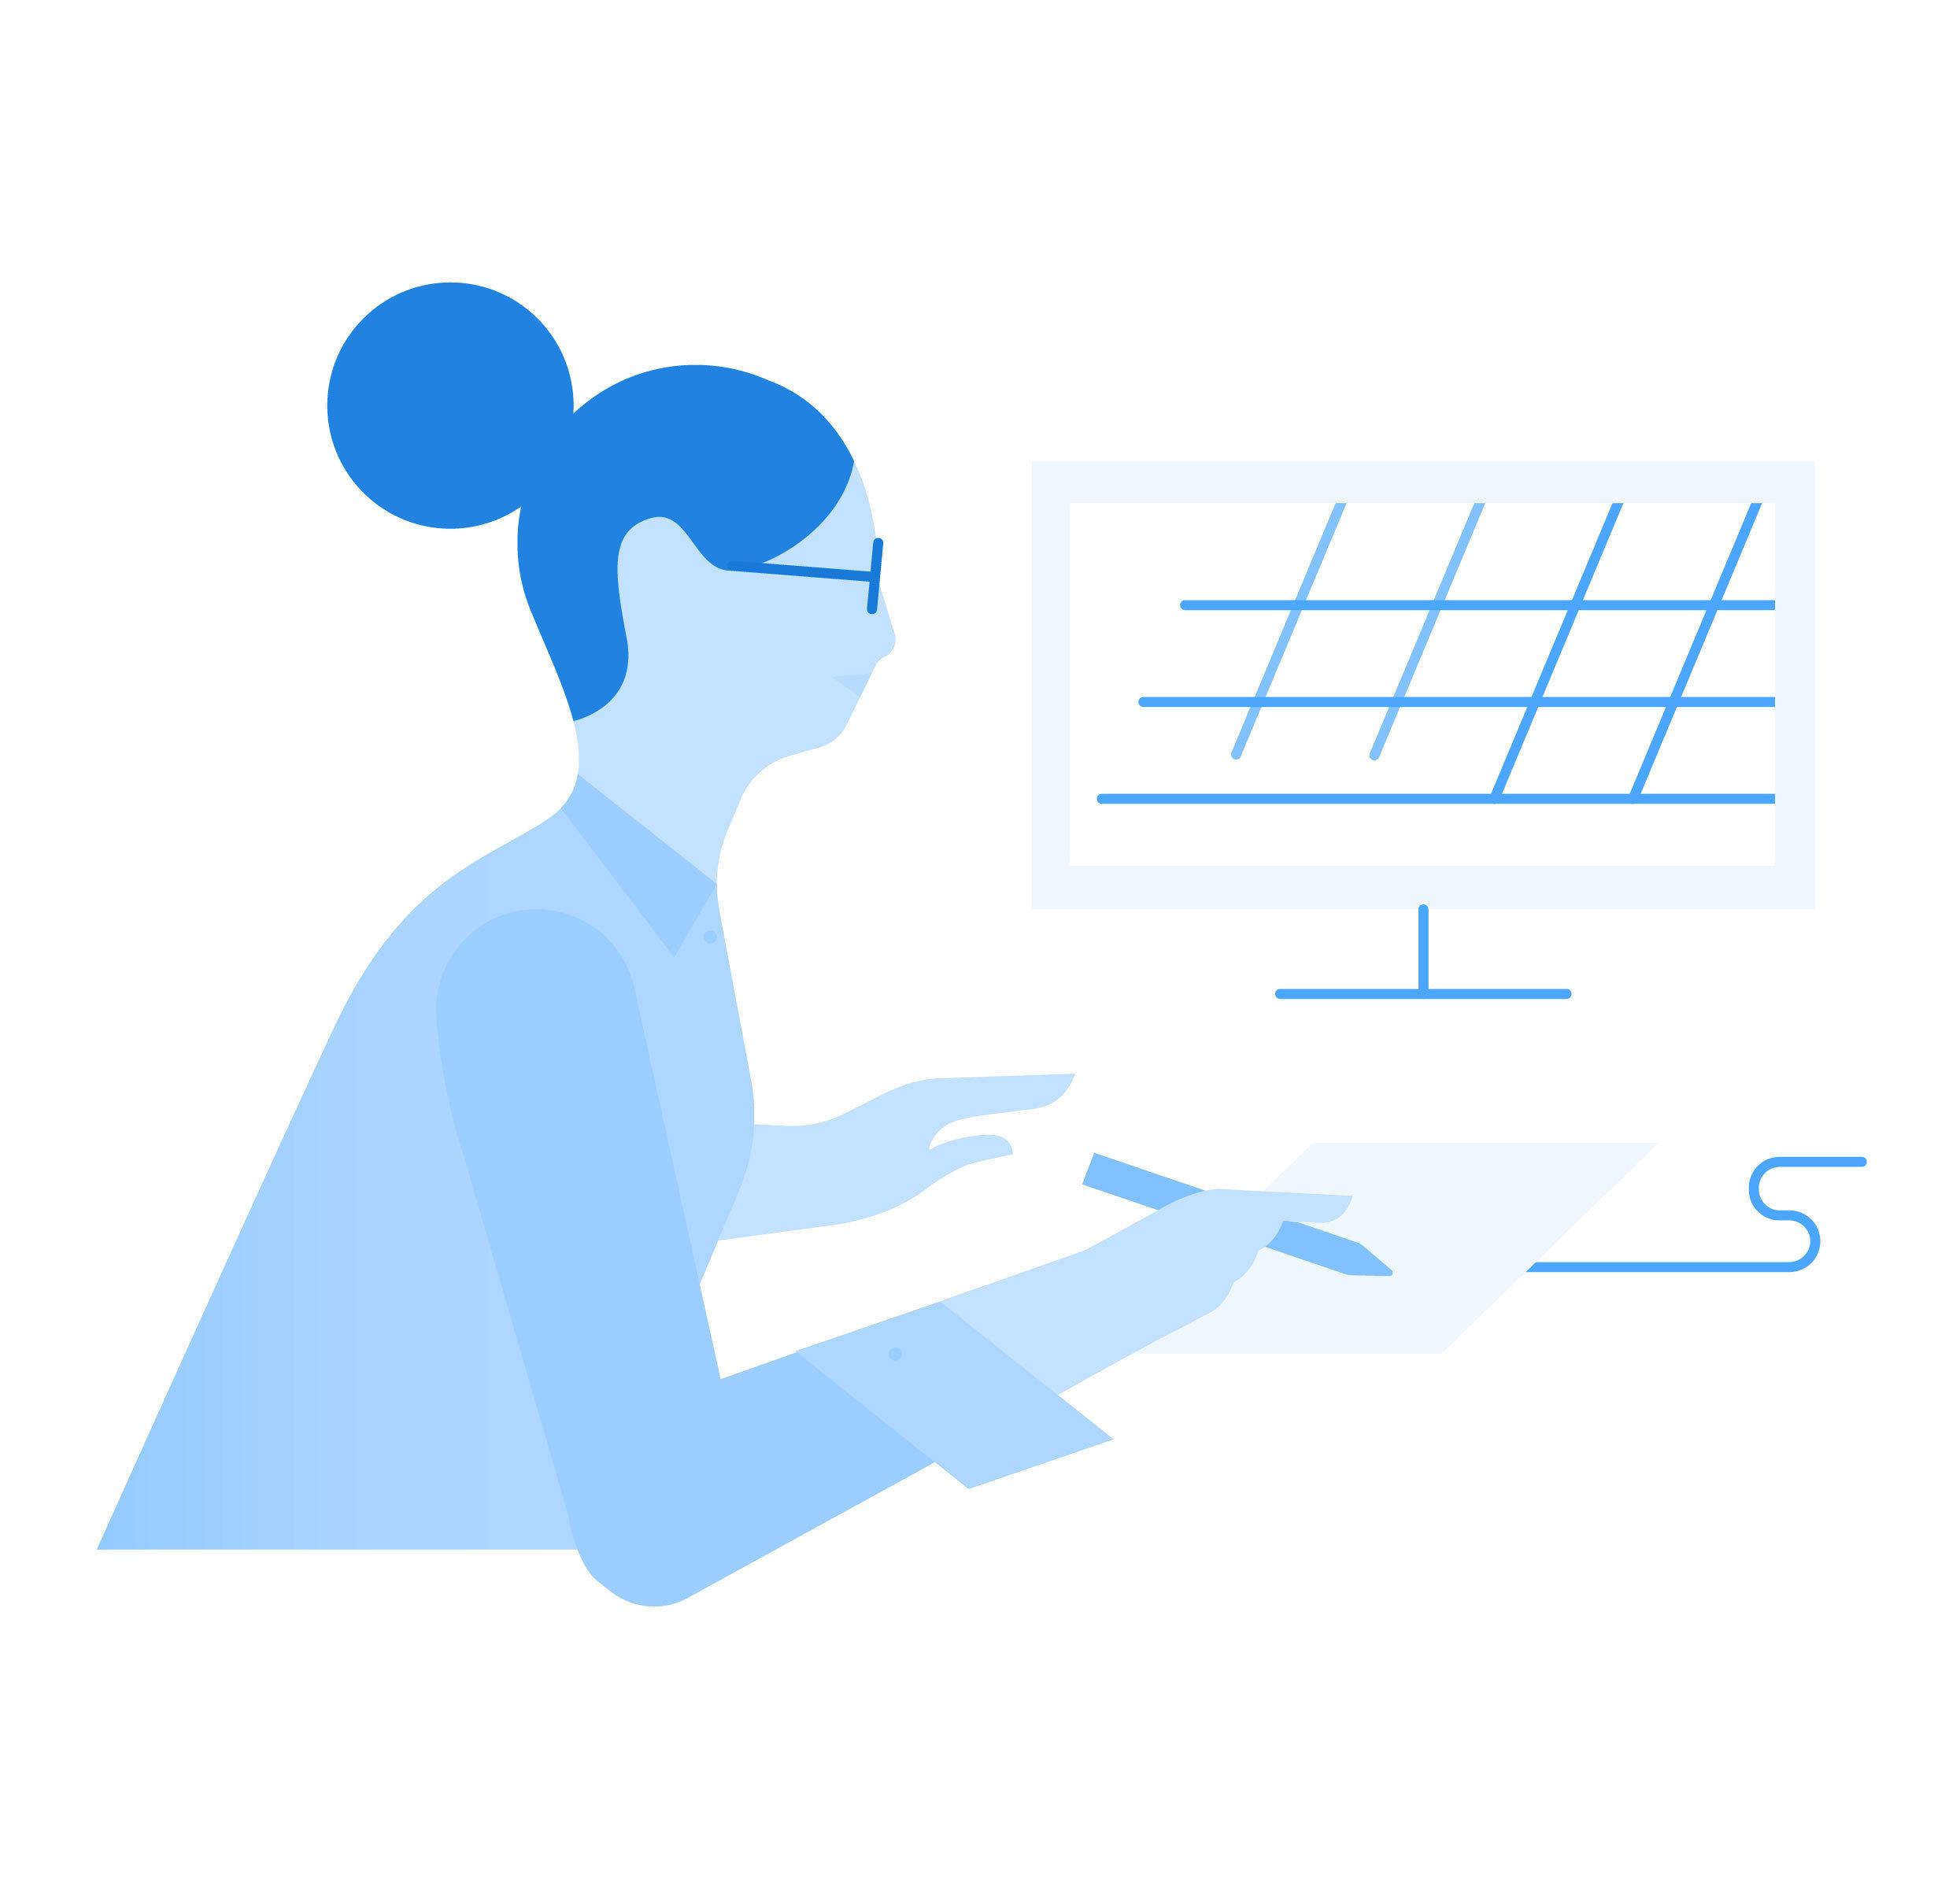 designer_blue